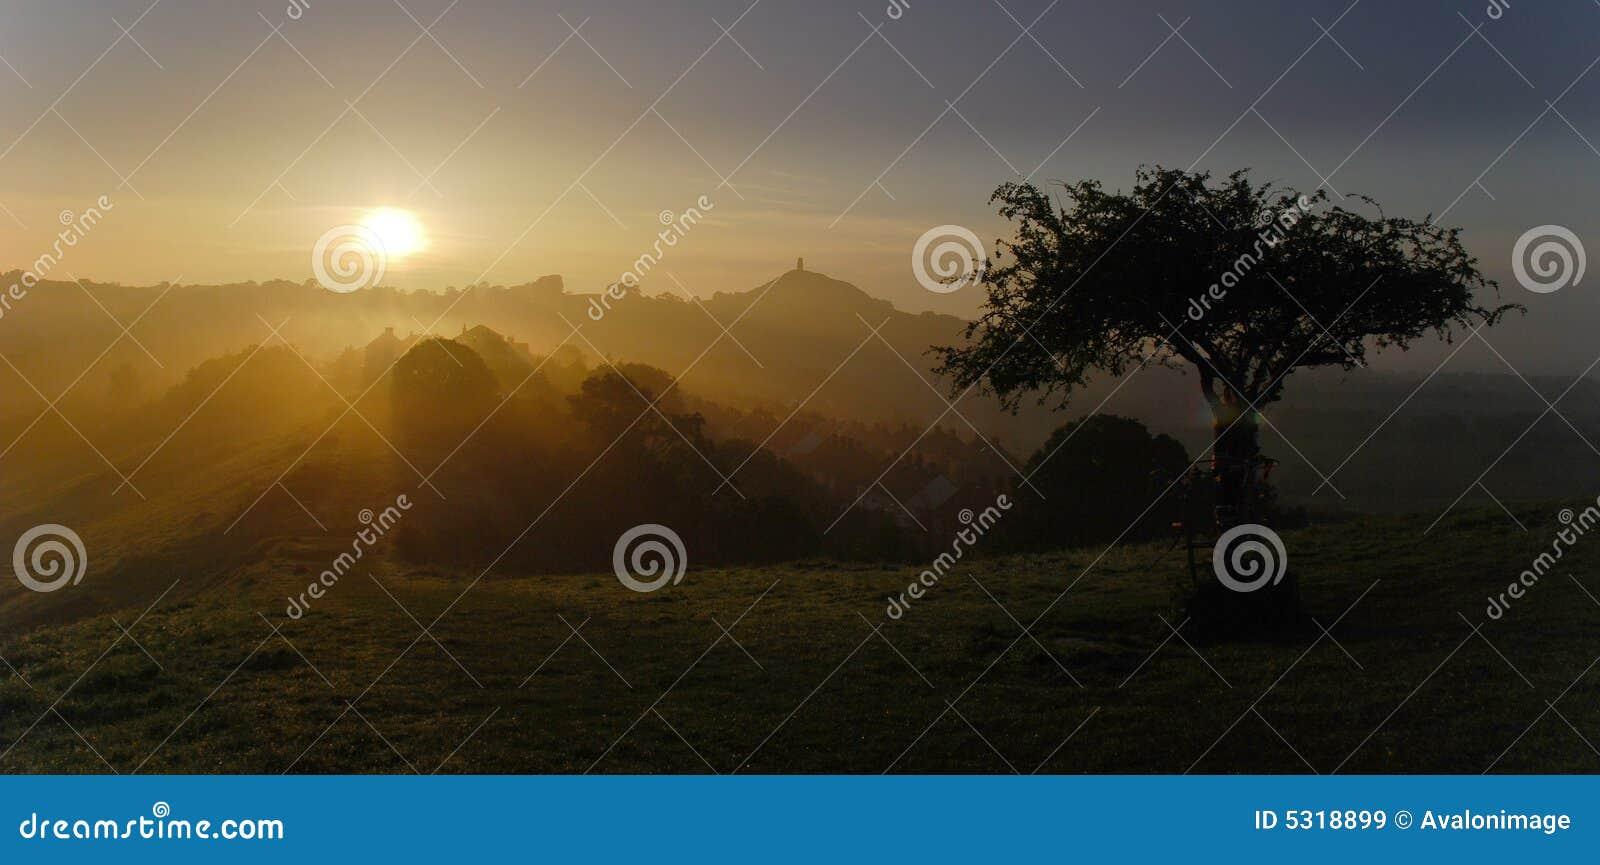 Download Alba di mattina di Avalon immagine stock. Immagine di dreamy - 5318899